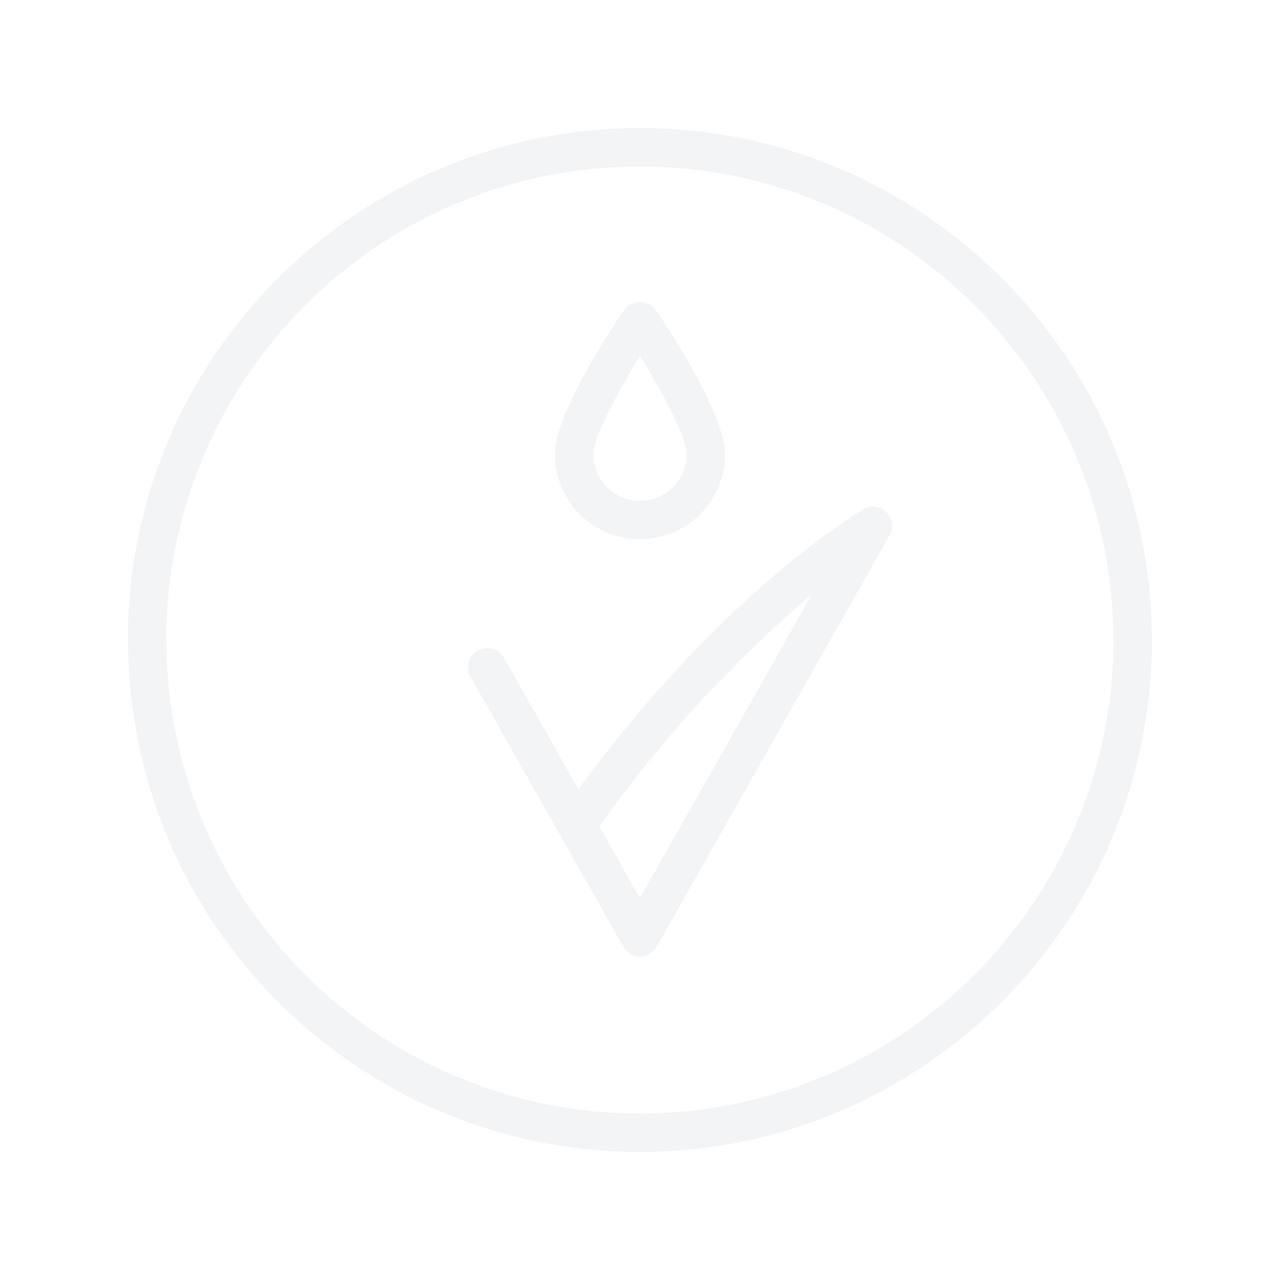 Lacoste Eau De Lacoste L.12.12 Blanc Deodorant Stick 75ml